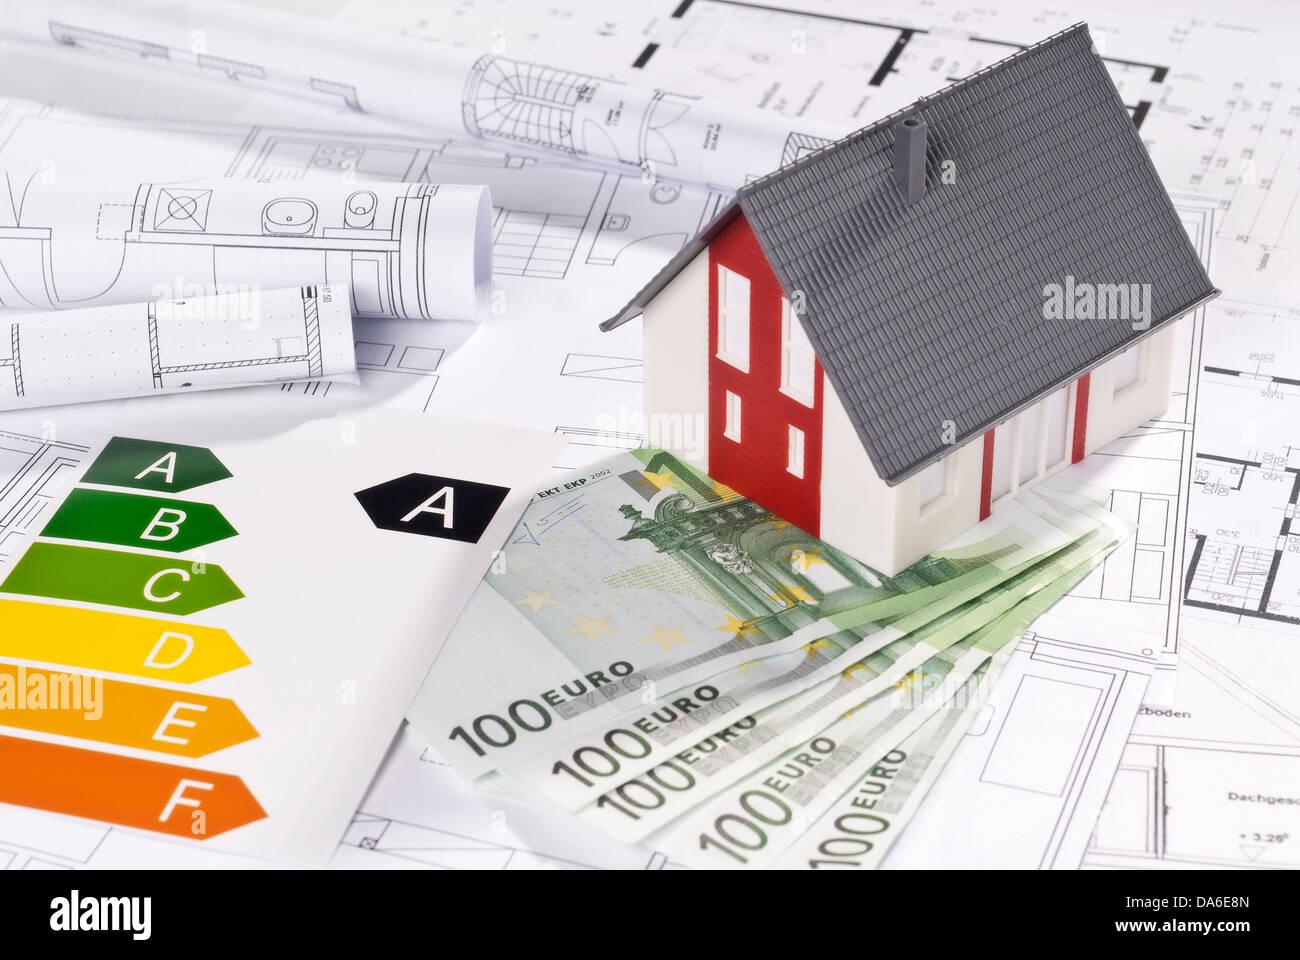 L'efficacité énergétique avec l'étiquette modèle architectural, les plans et projets de loi. Banque D'Images